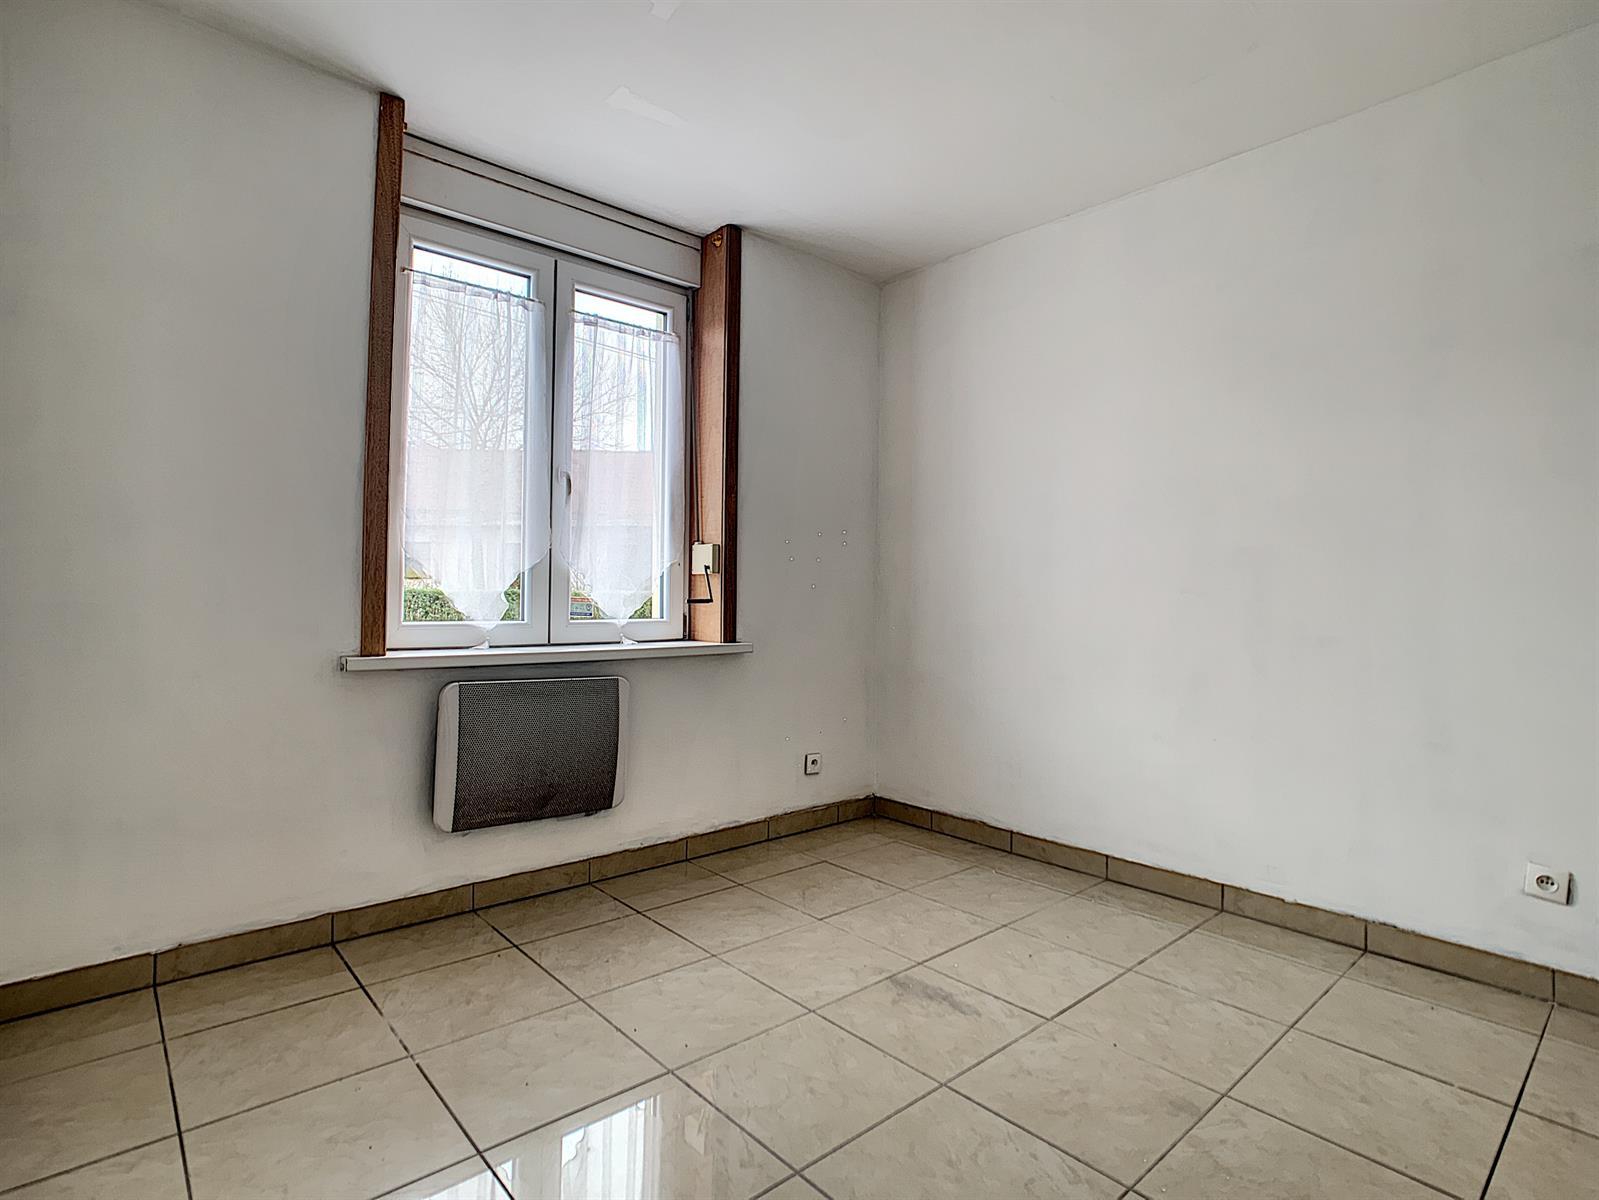 Appartement rez-de-chaussée à louer